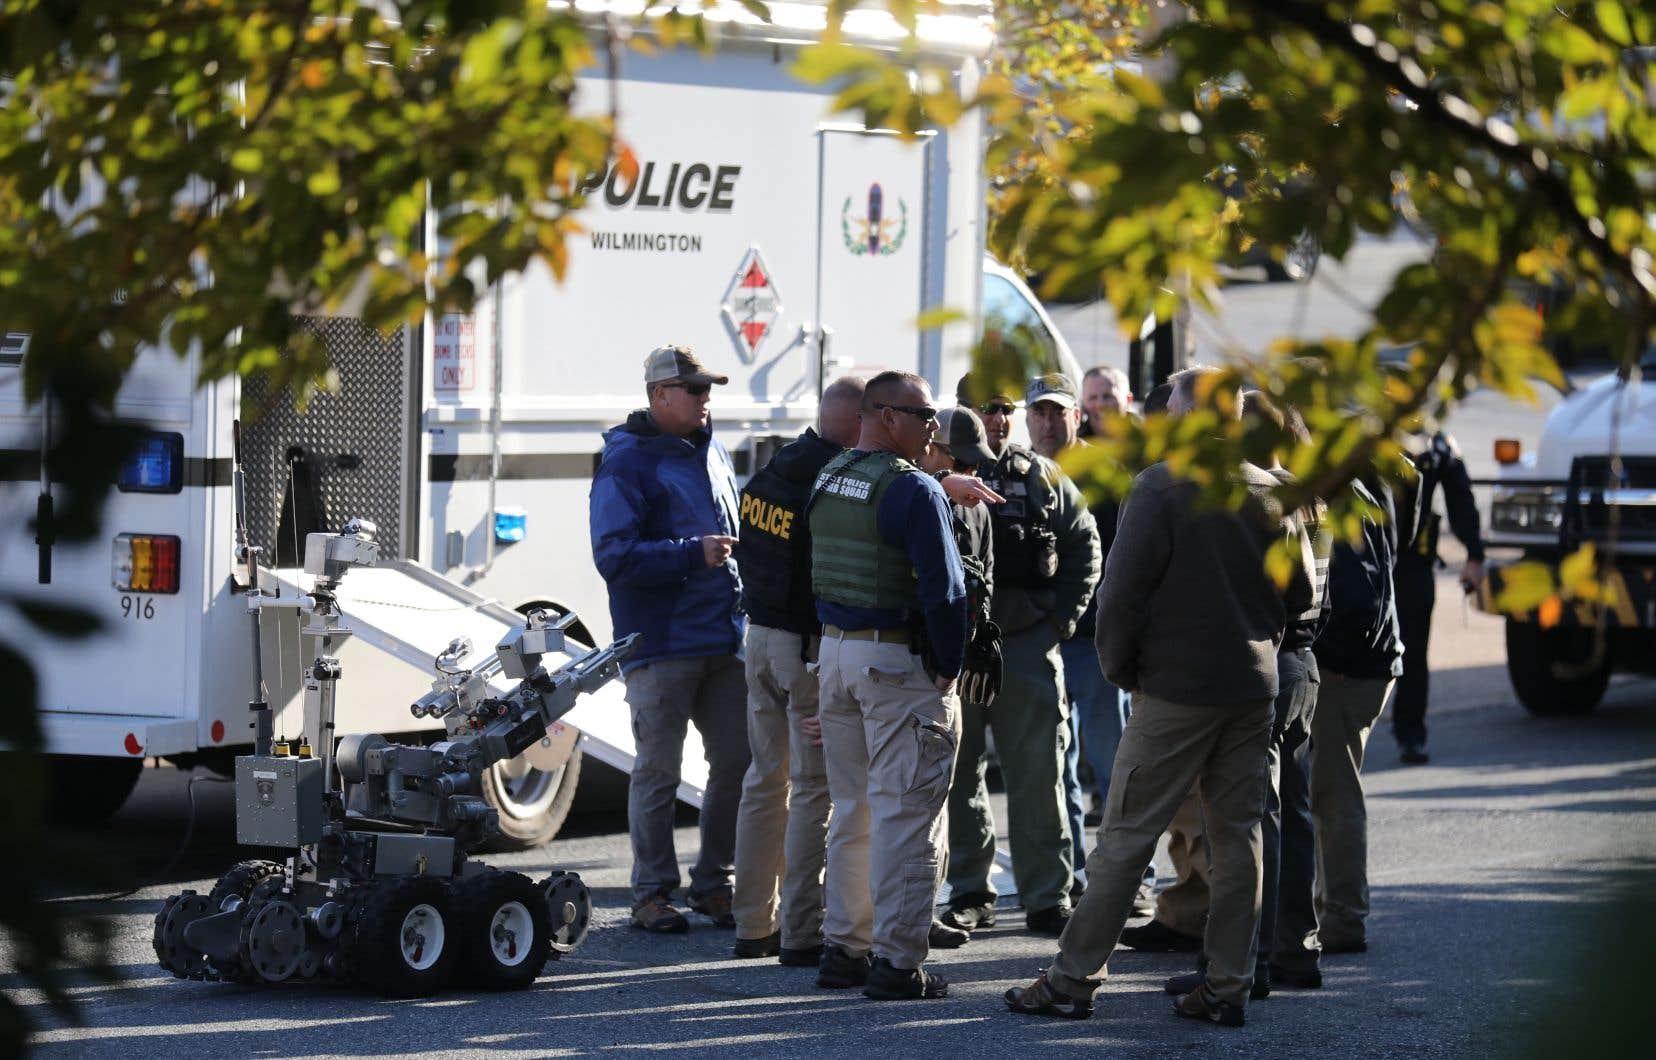 Les autorités locales et fédérales ont intercepté un des colis suspects à Wilmington, au Delaware.